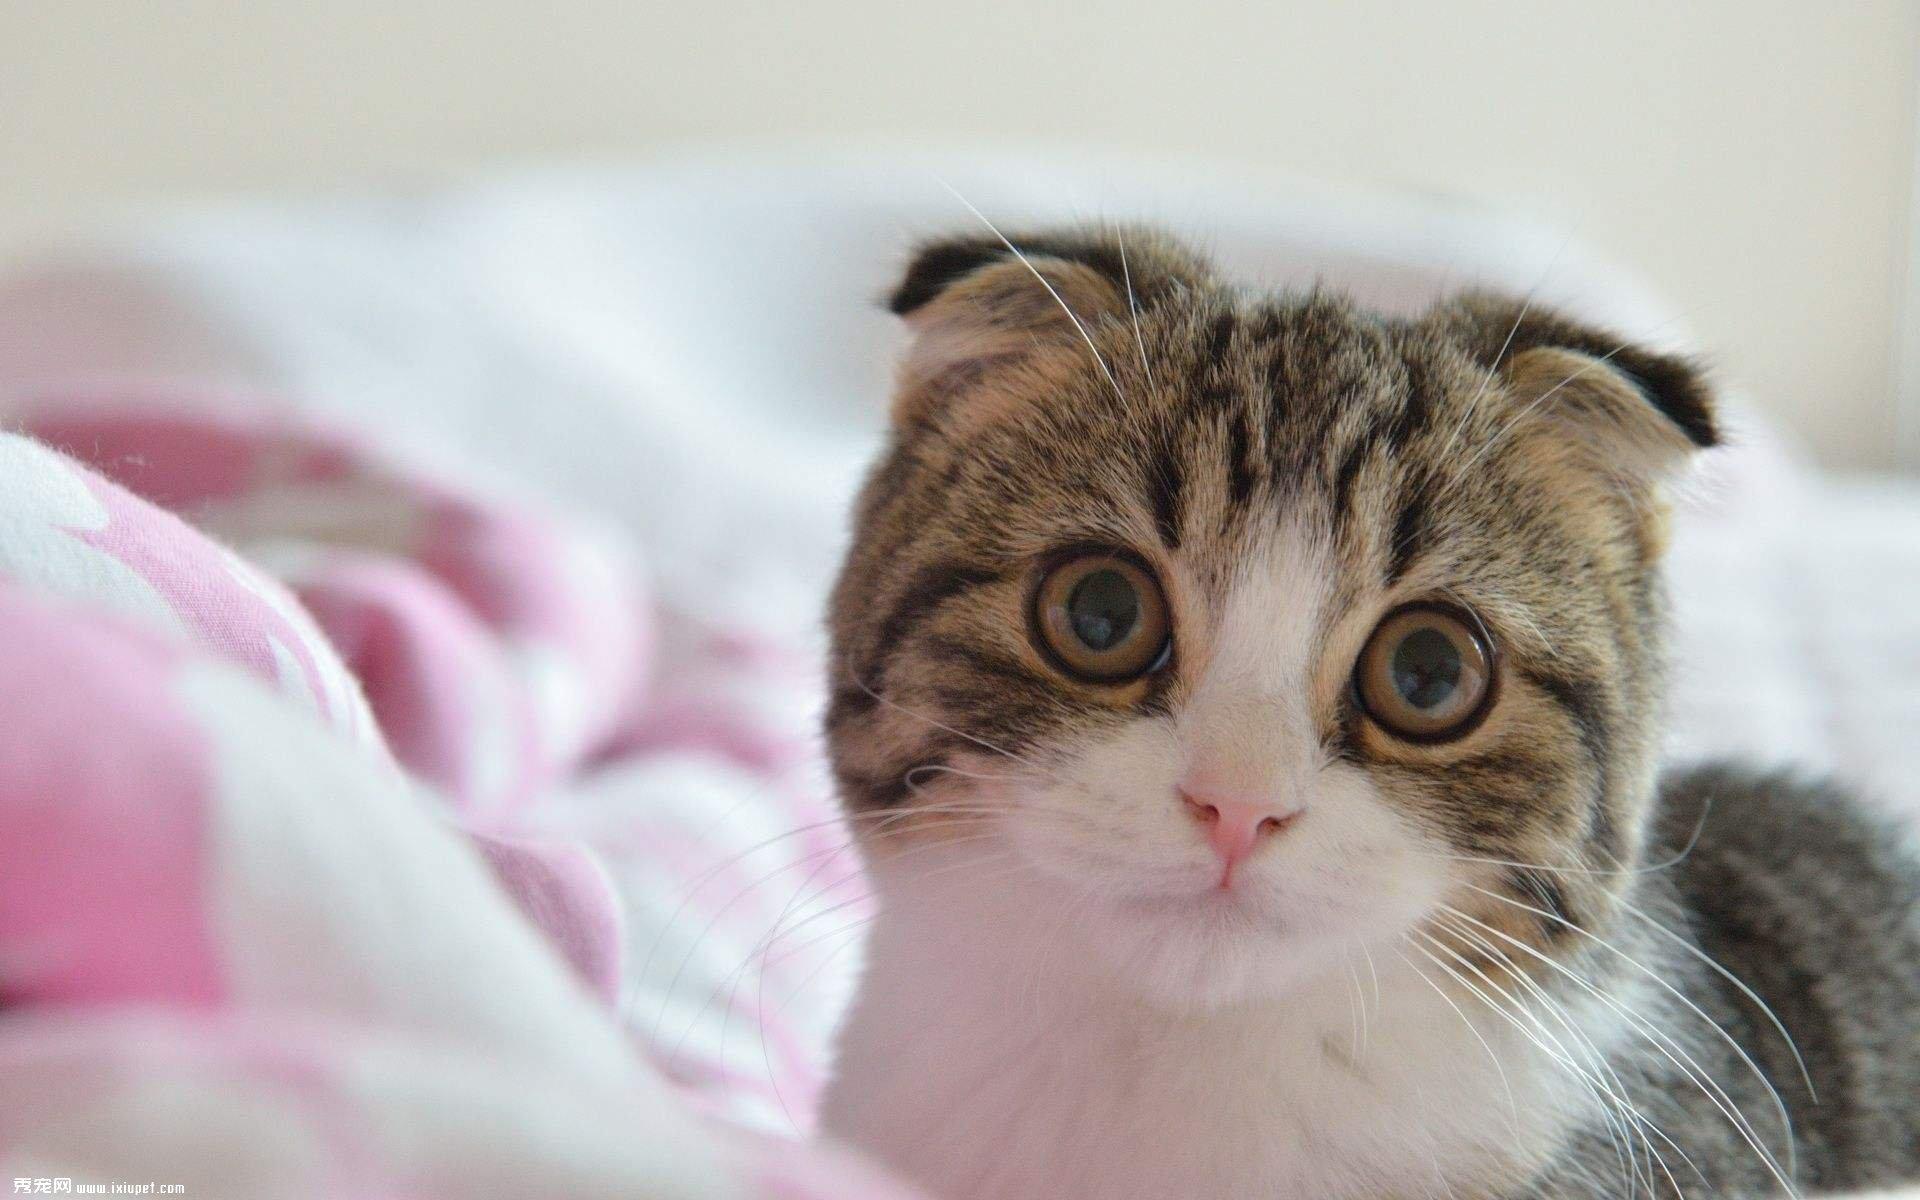 表情 苏格兰折耳猫起源 猫猫饲养 猫猫 百科 秀宠网 表情